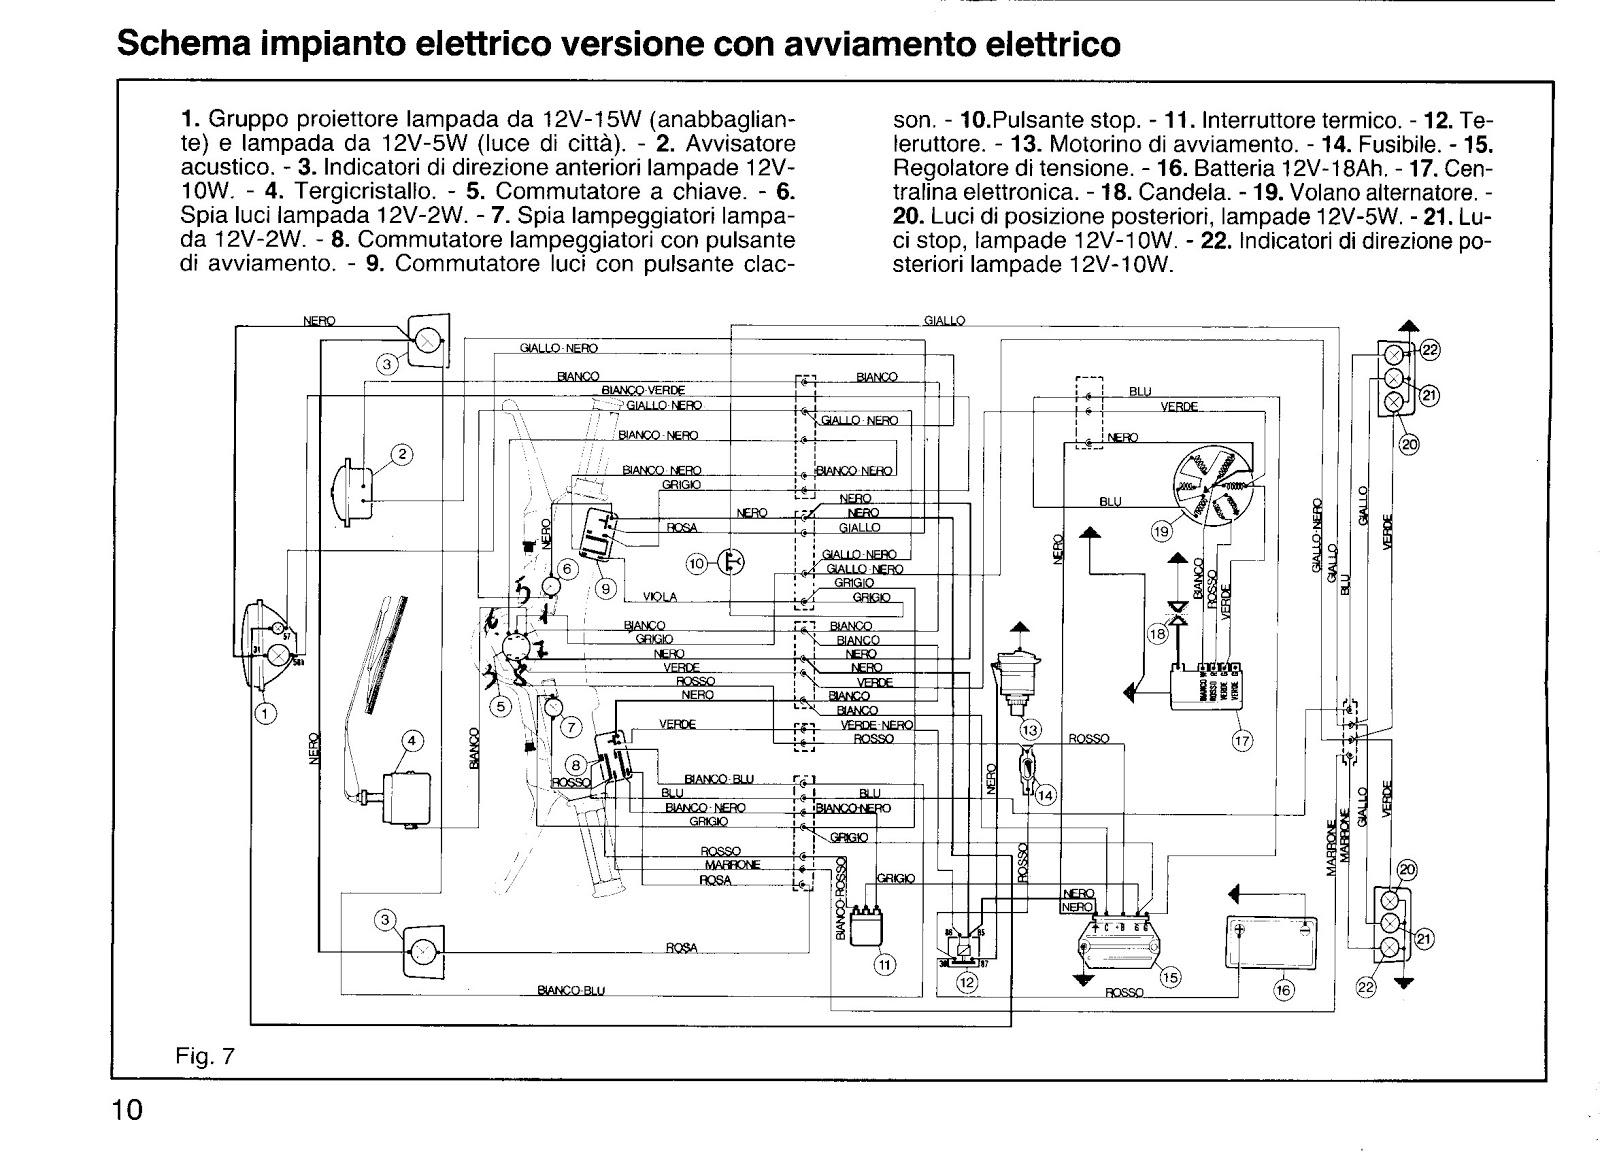 Schema Elettrico : Ape elaborato piaggio schema elettrico ape originale